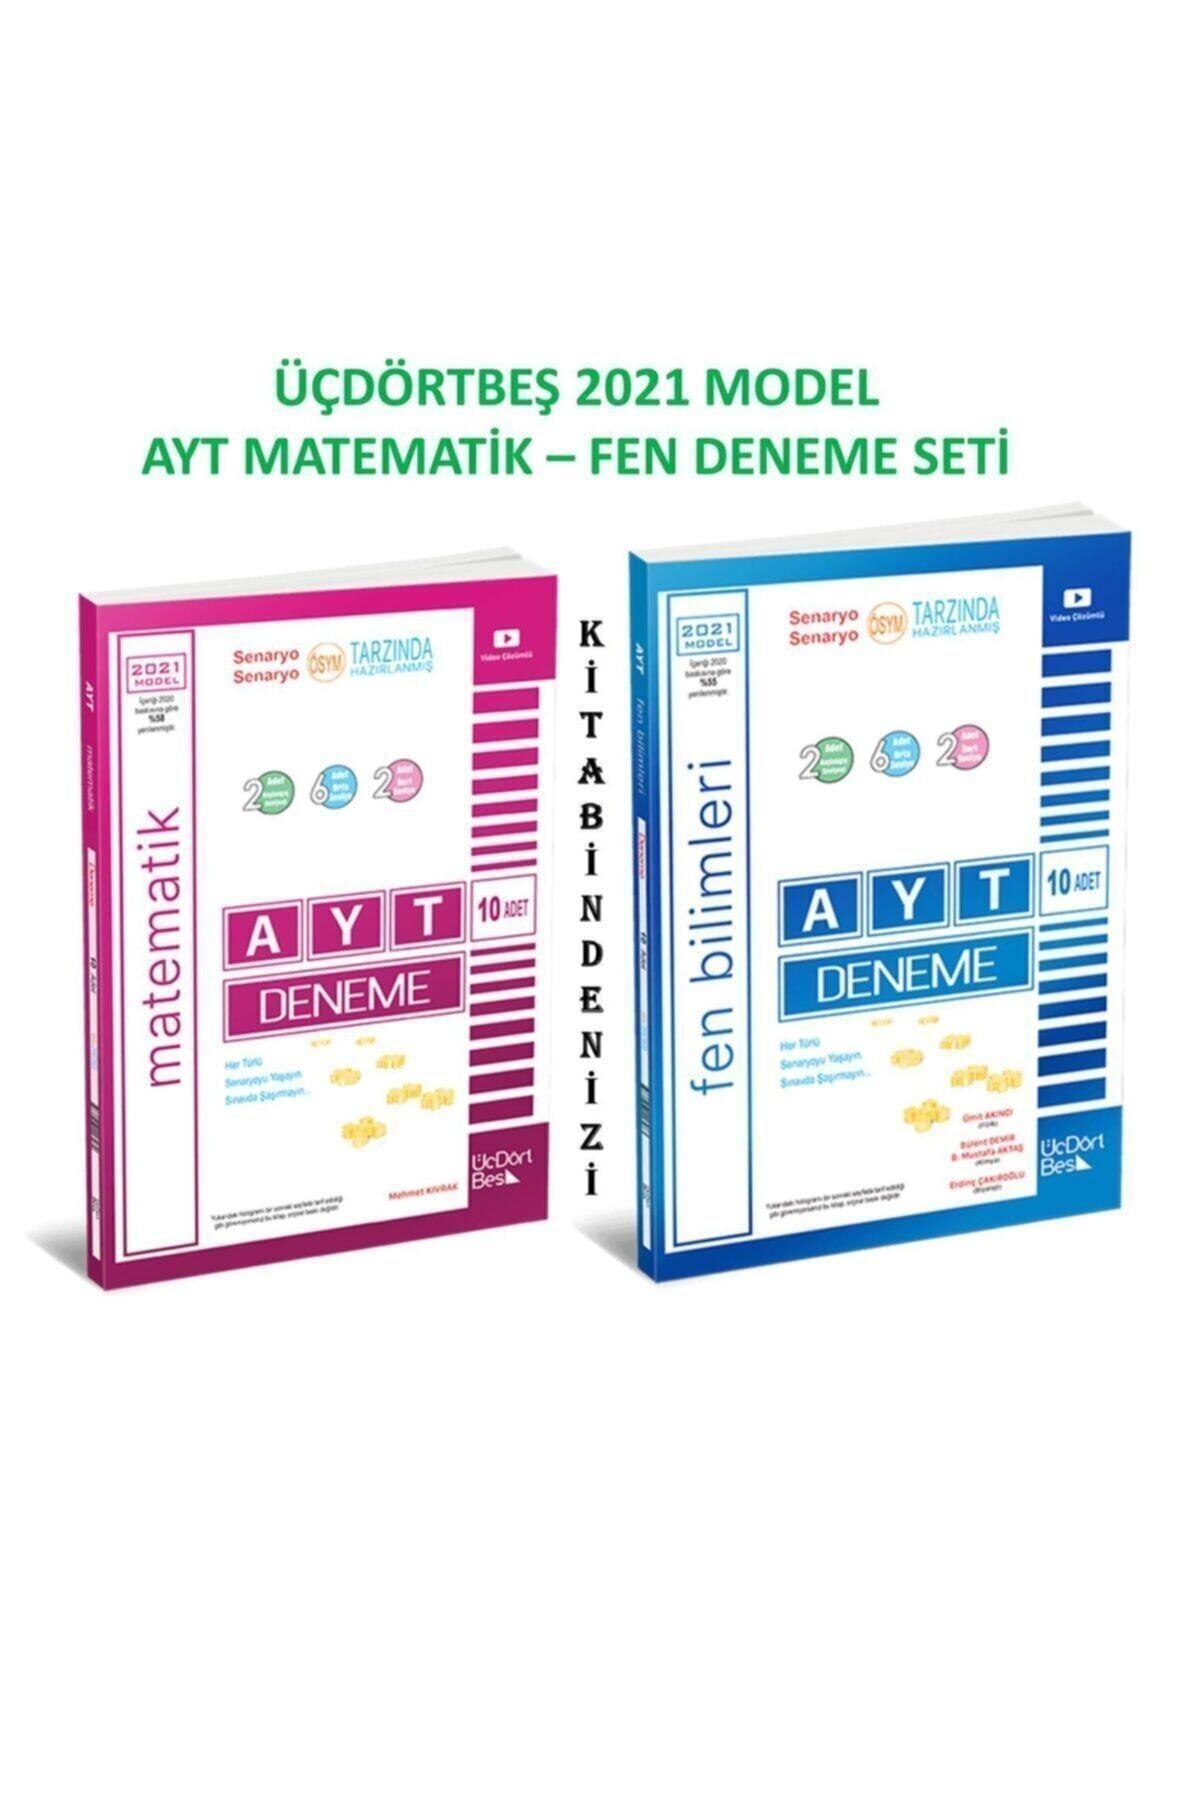 Üçdörtbeş Ayt Matematik-fen Deneme Seti 2021 Model